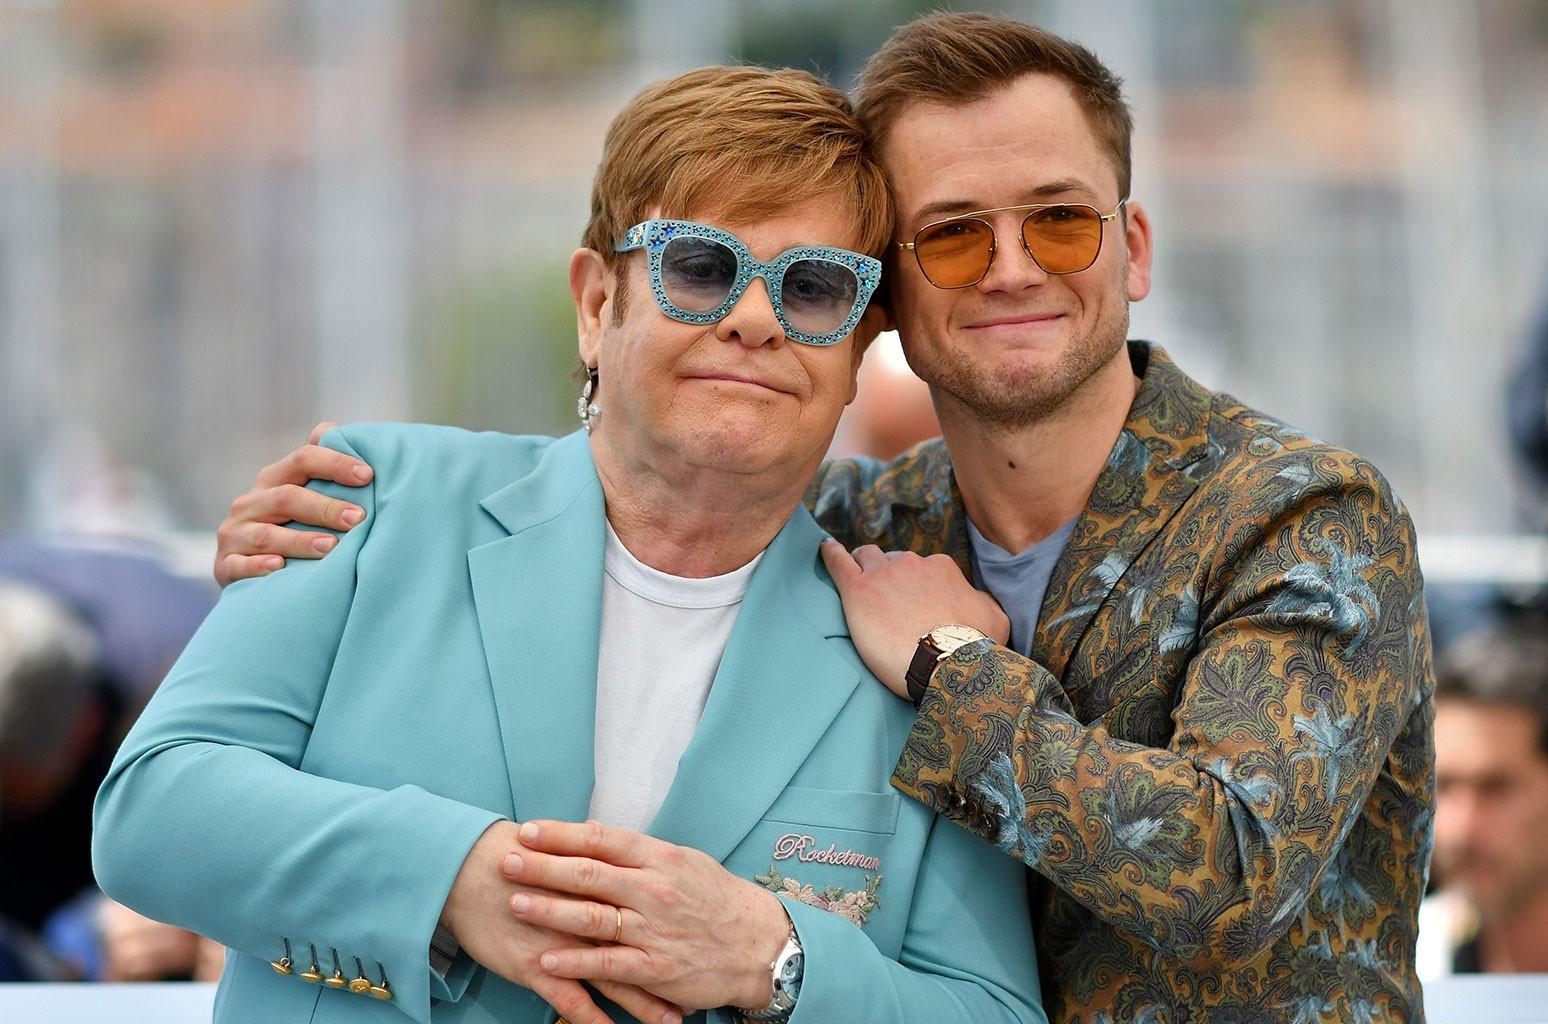 صافي ثروة Elton John يحتفل Elton و Taron Egerton بإصدار الفيلم